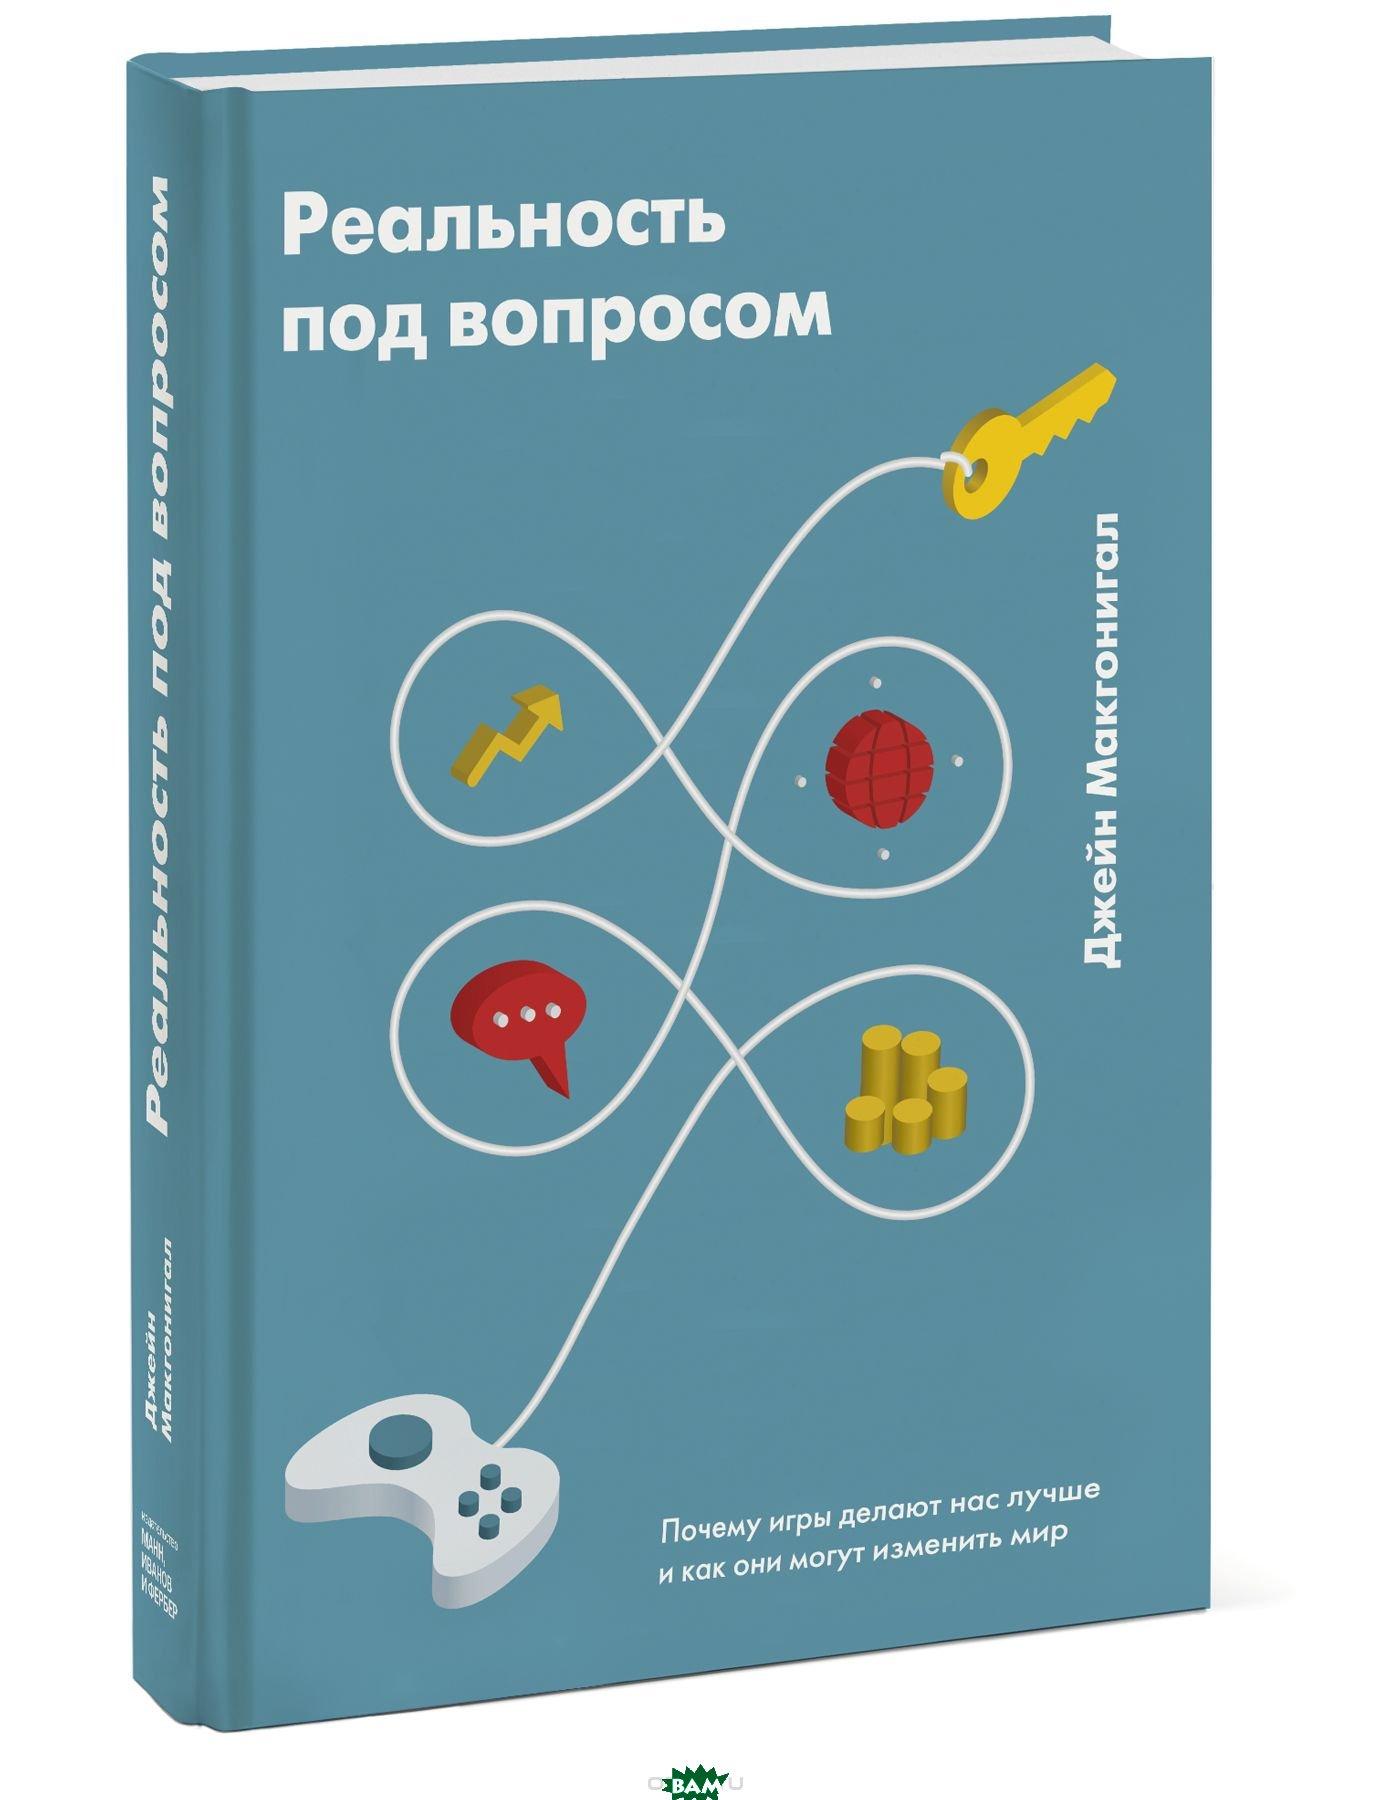 Купить Реальность под вопросом. Почему игры делают нас лучше и как они могут изменить мир, Манн, Иванов и Фербер, Джейн Макгонигал, 978-5-00117-354-0